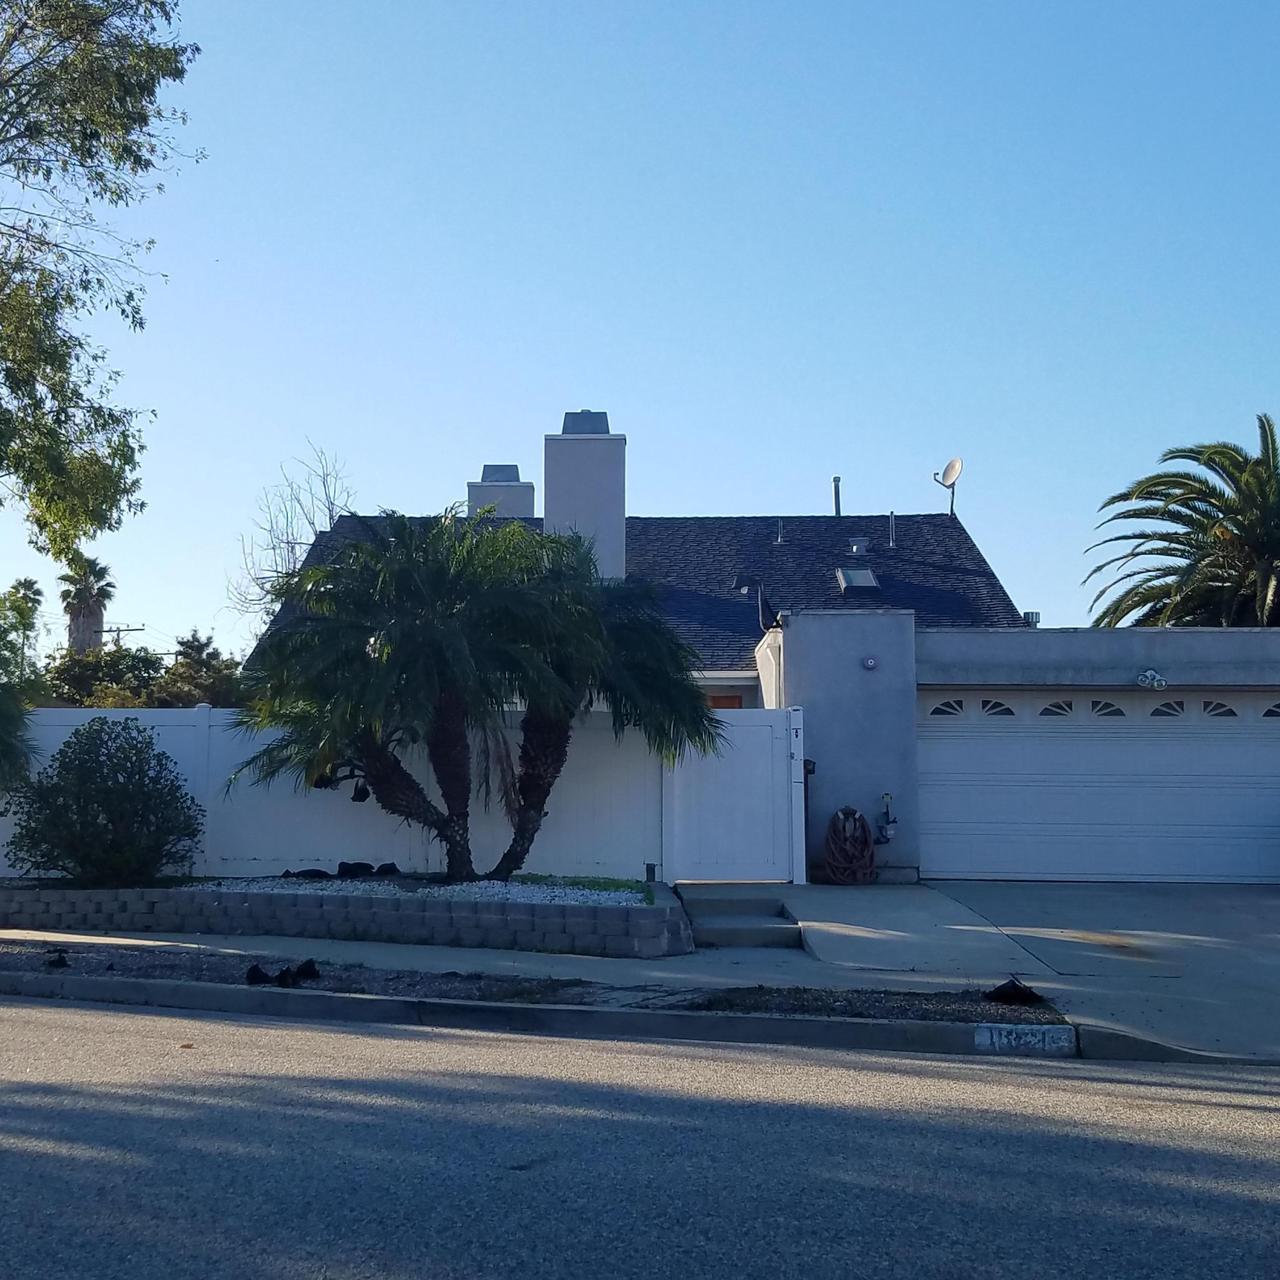 1321 LOS PRIETOS, Oxnard, CA 93035 - Front of Property